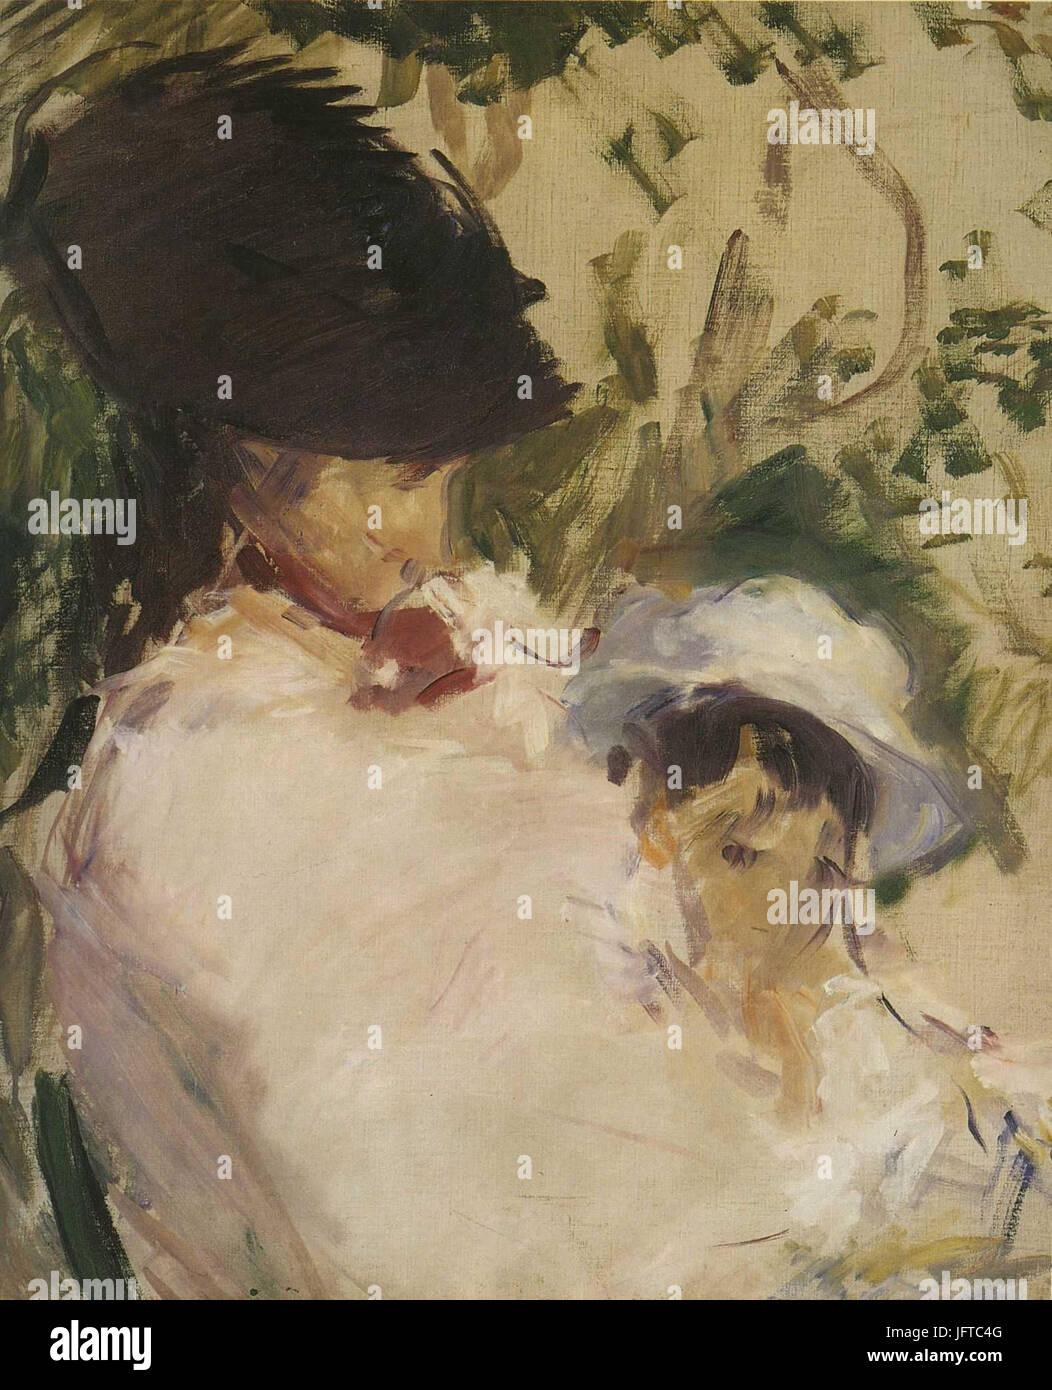 Édouard Manet - Jeune fille et enfant (RW 314) - Stock Image